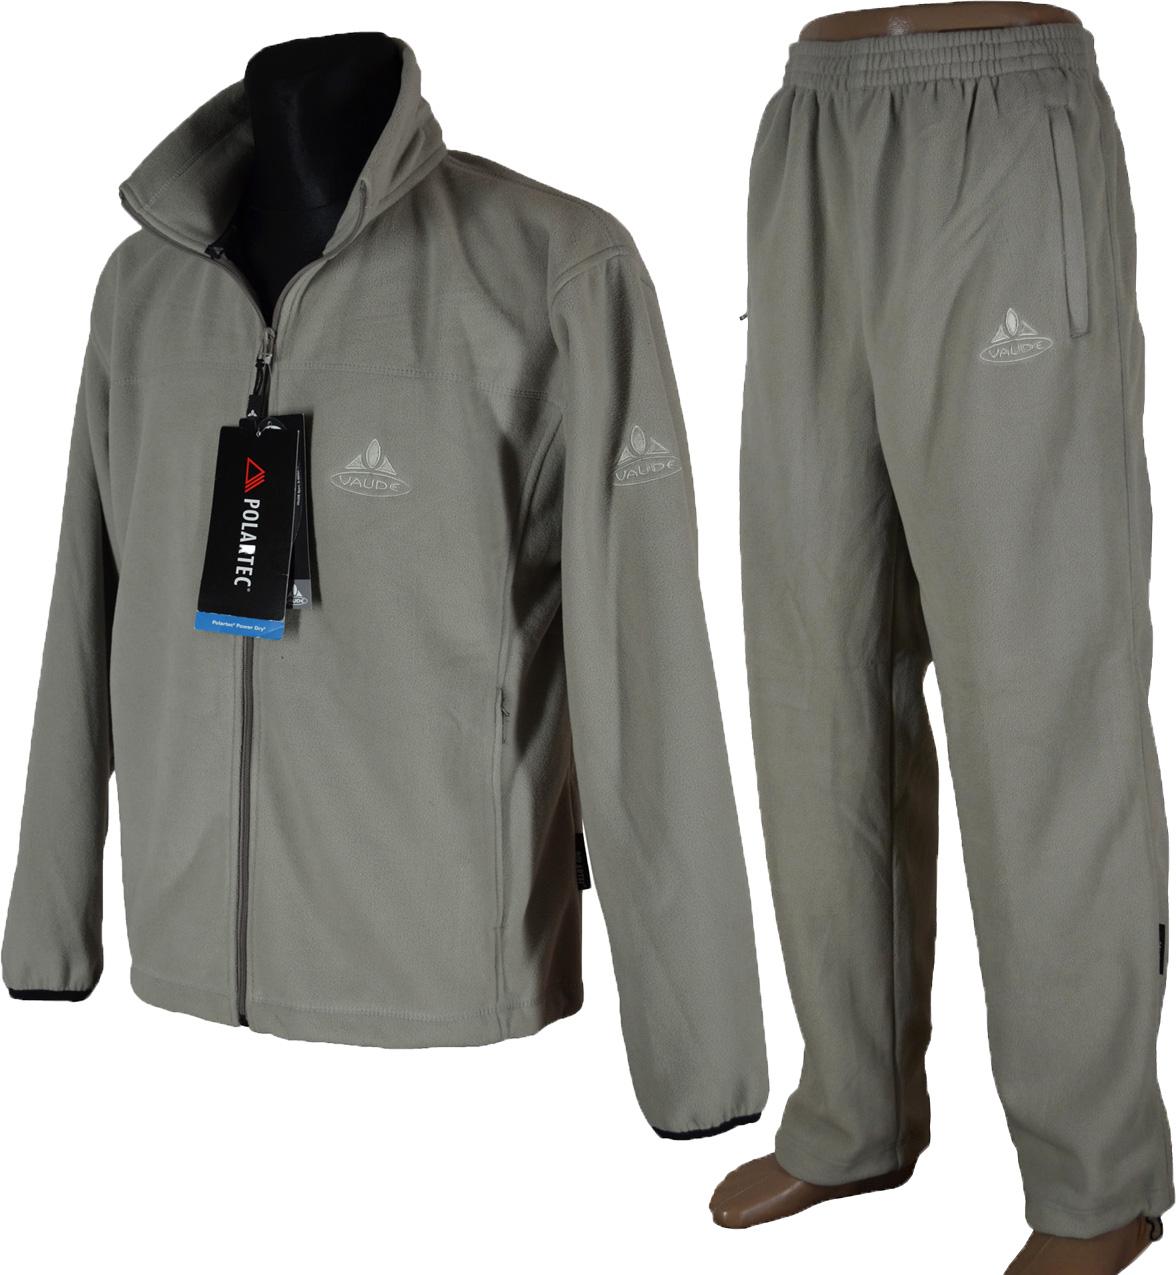 bec3fae7 Мужской флисовый костюм Vaude · мужские регланы распродажа. Цена продано